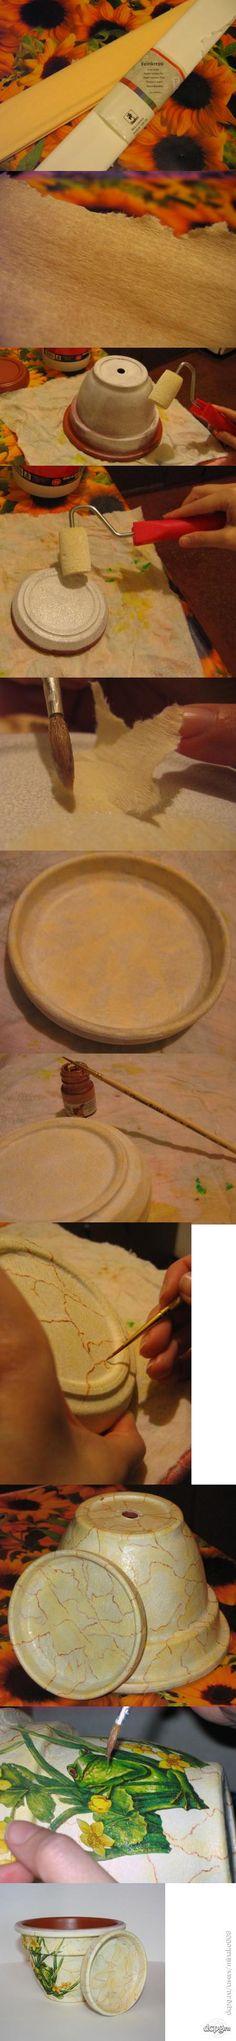 Декупаж - Сайт любителей декупажа - DCPG.RU | Декорирование керамического горшка